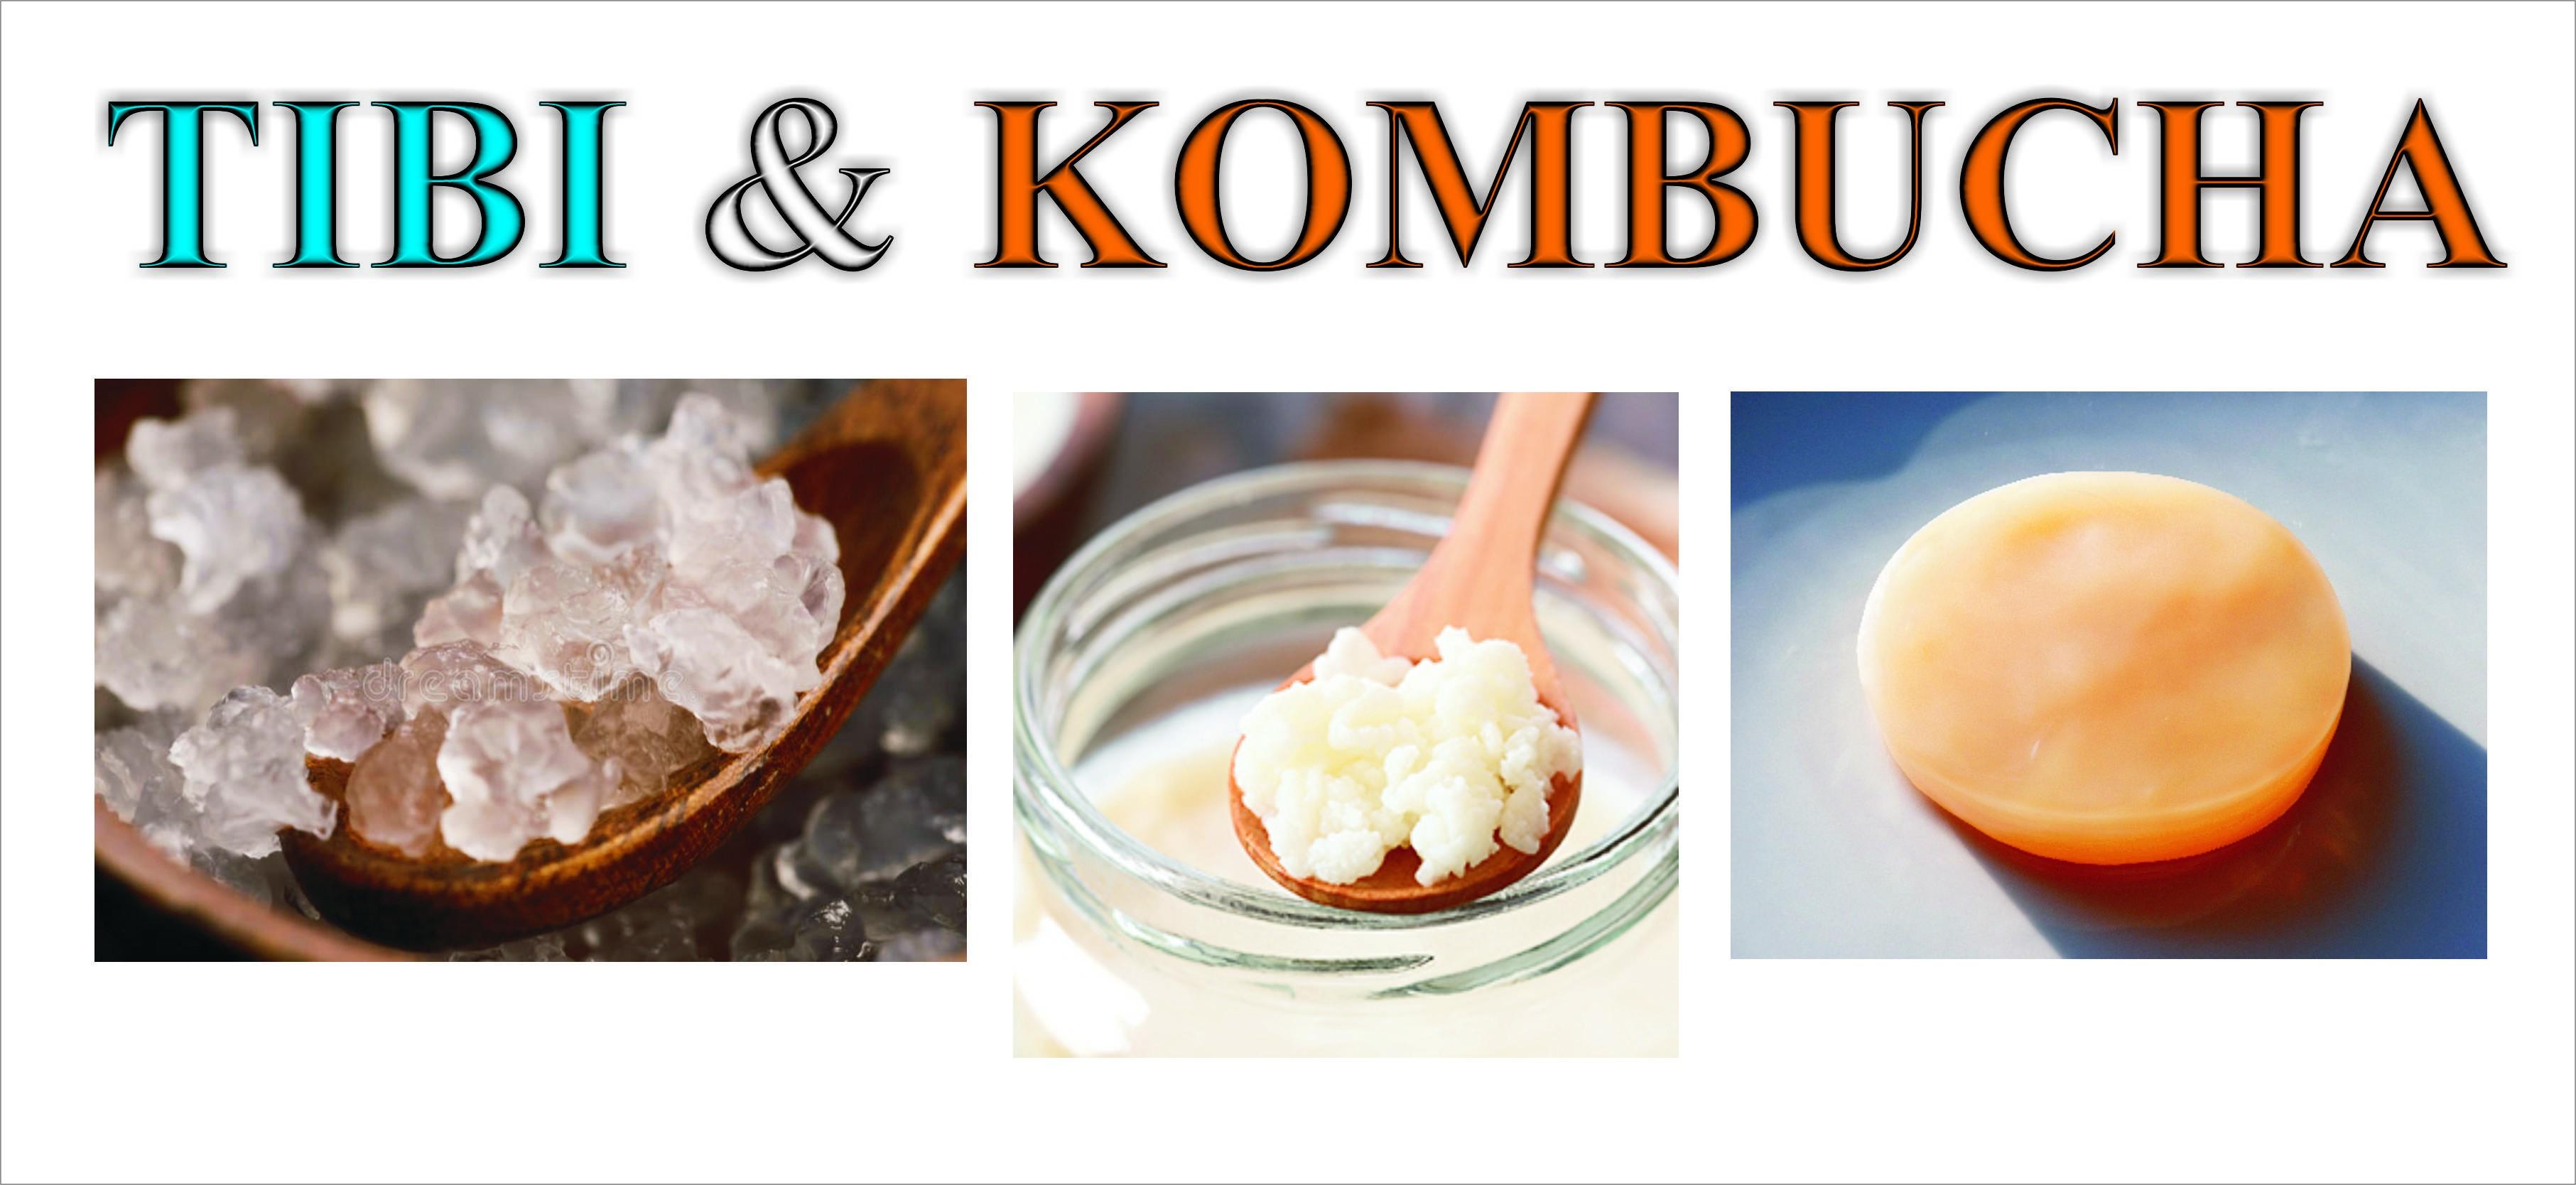 TIBI & Kombucha